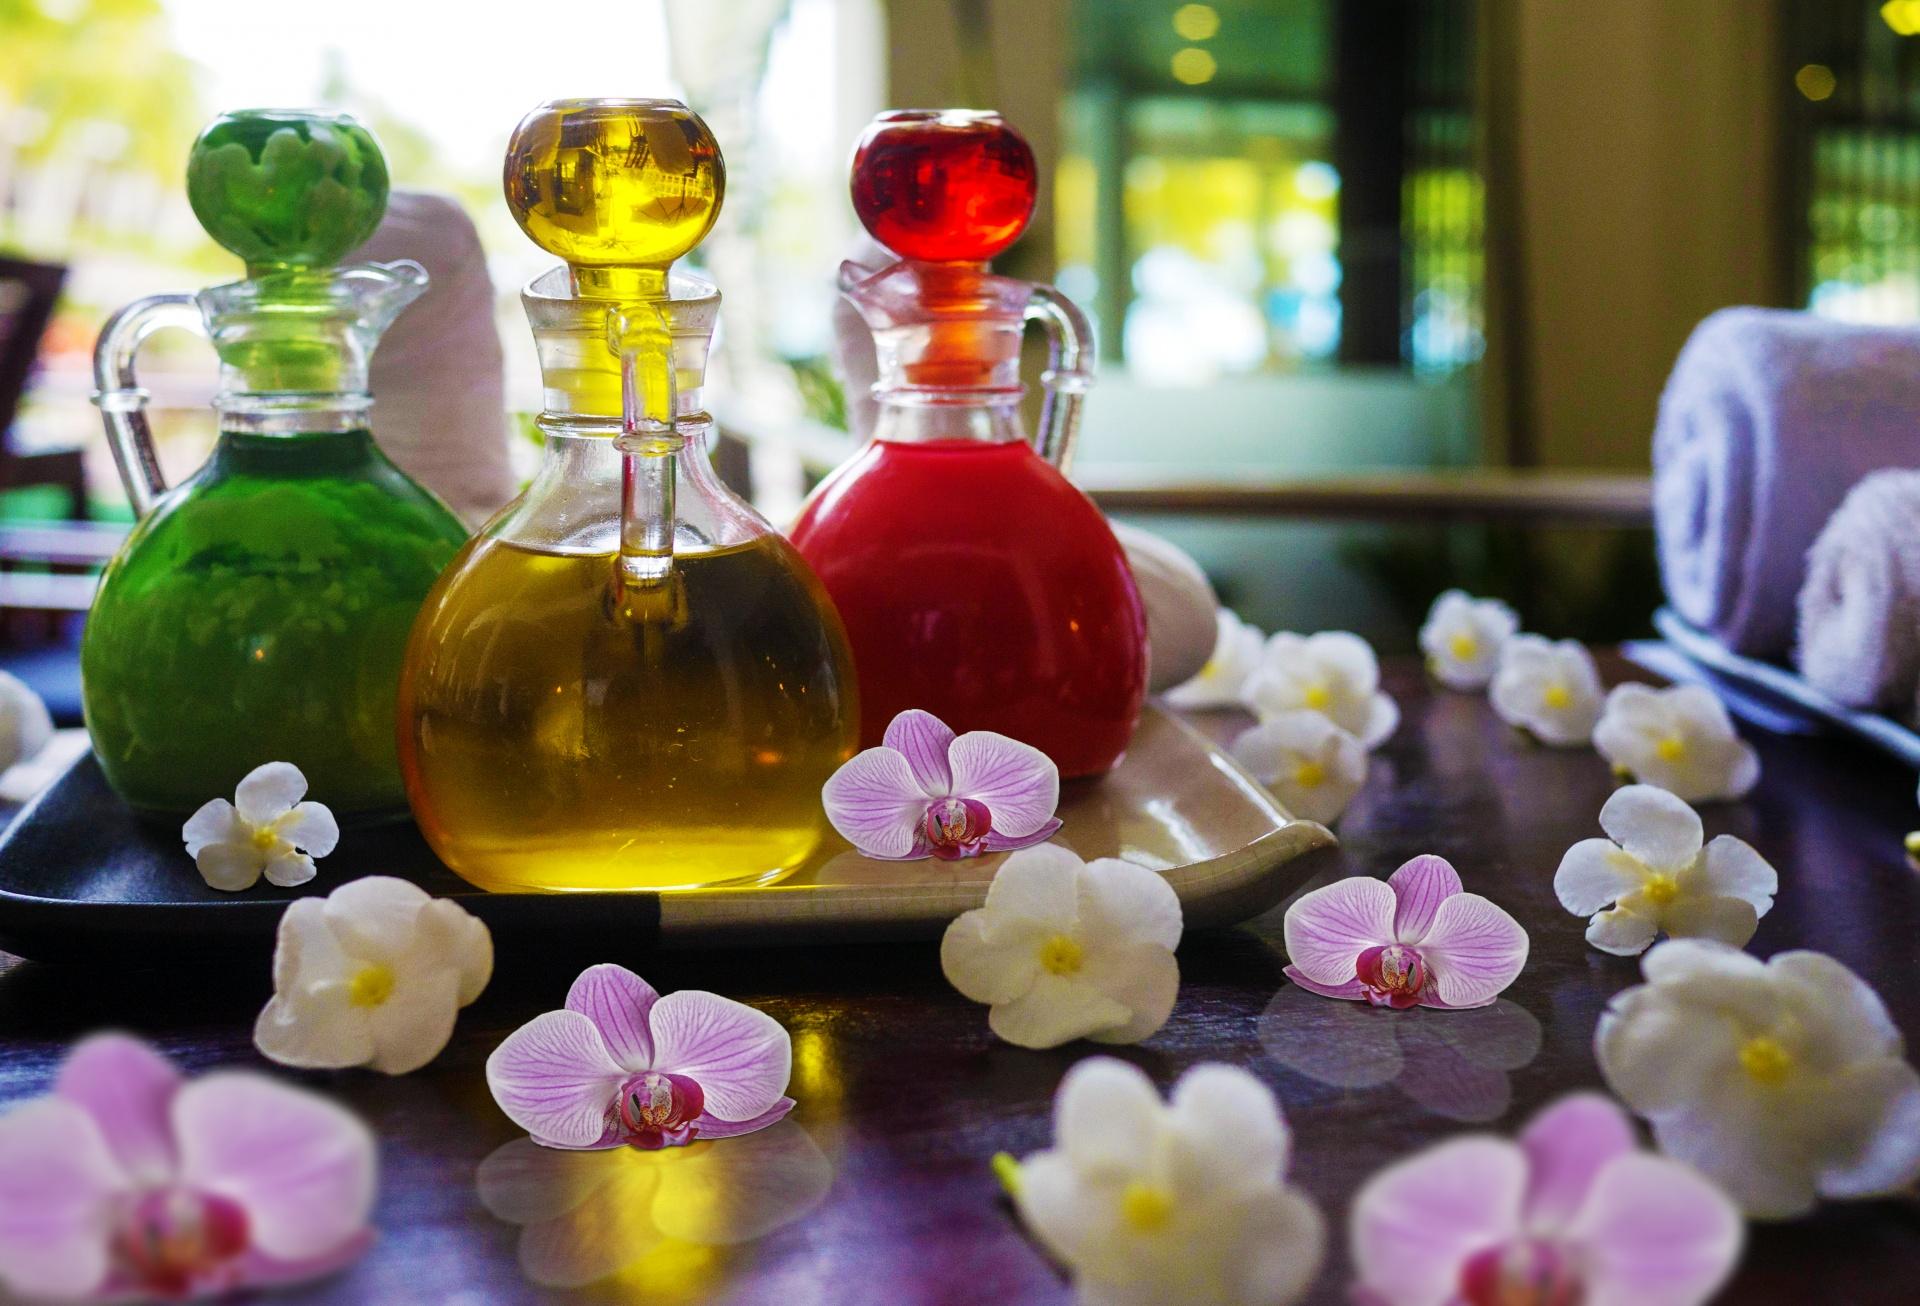 massage-oils-nestled-in-orchids.jpg